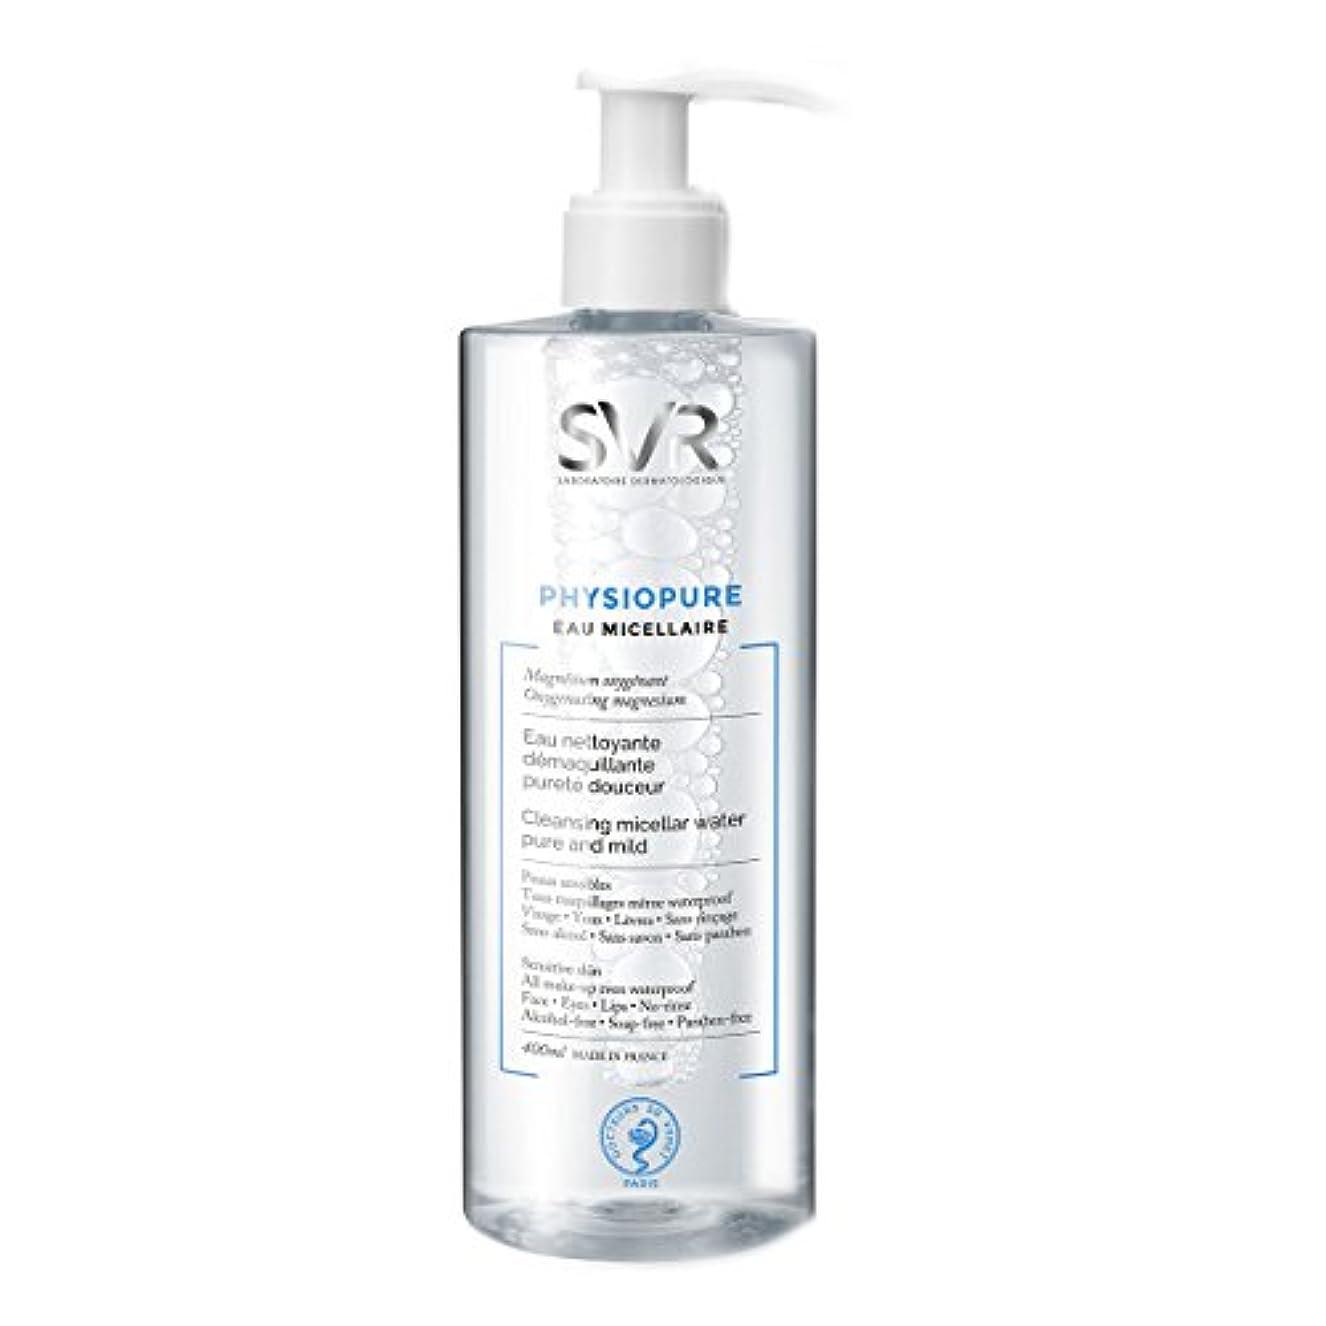 みなす差別するうつSvr Physiopure Cleansing Micellar Water 400ml [並行輸入品]